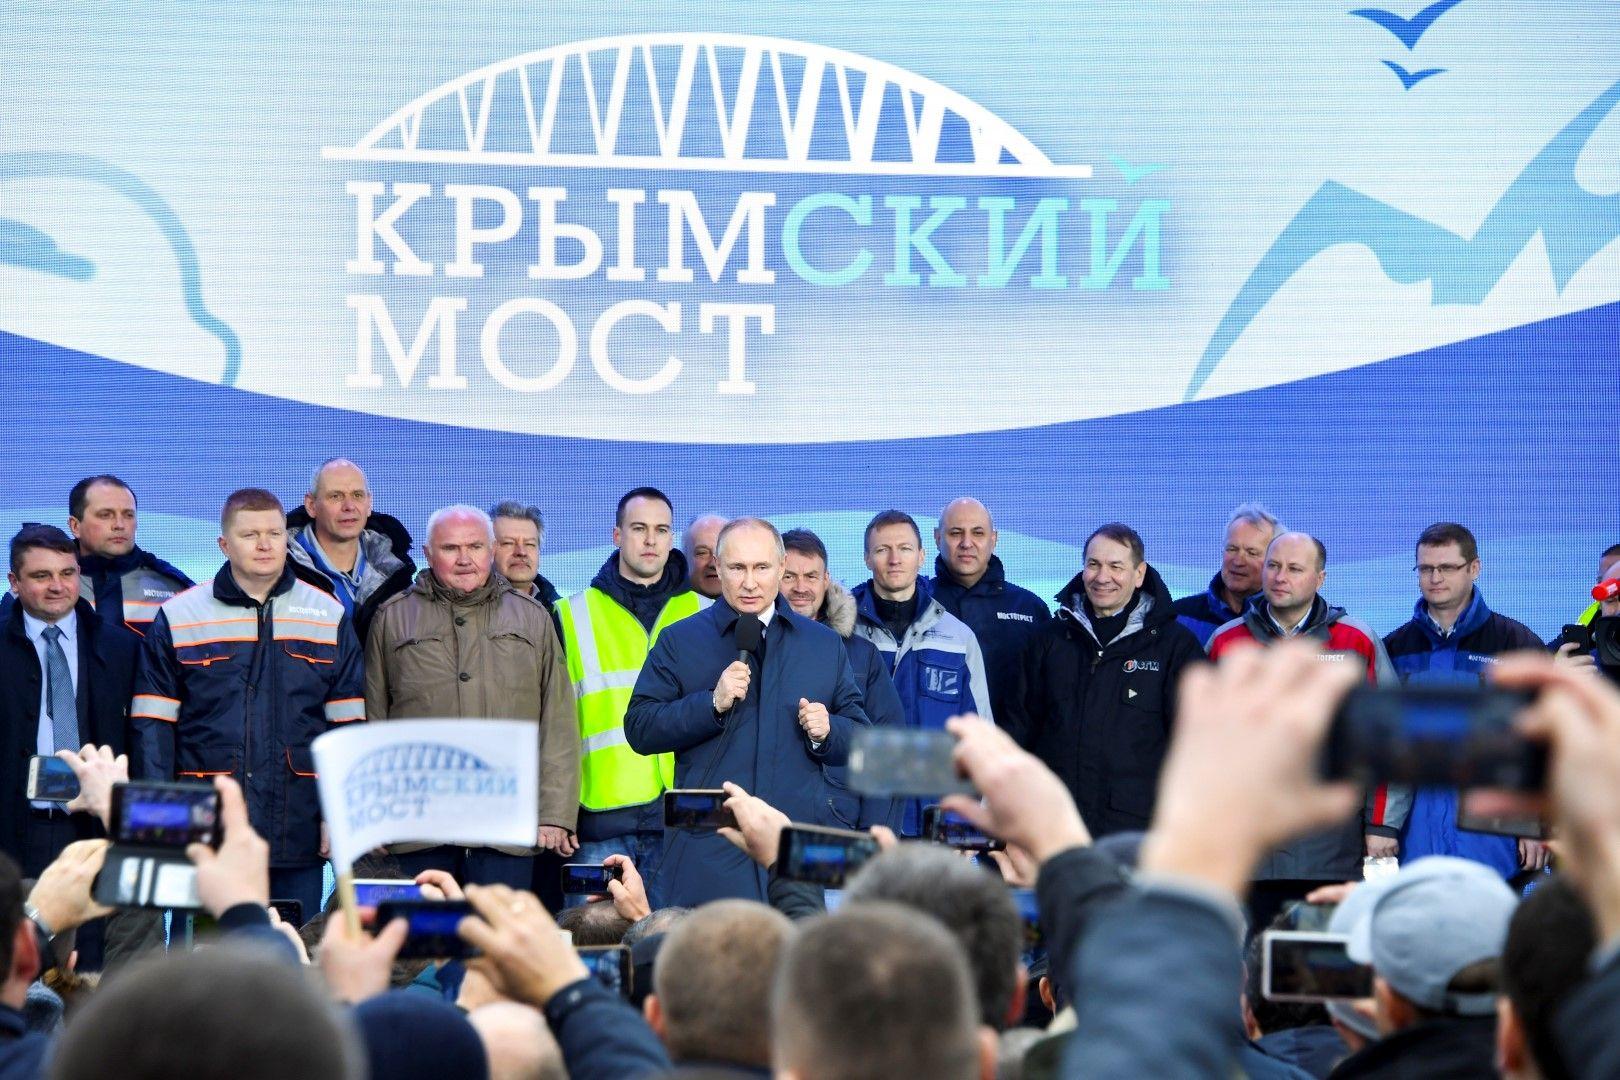 Владимир Путин по време на церемонията по откриването на жп линията по Кримския мост